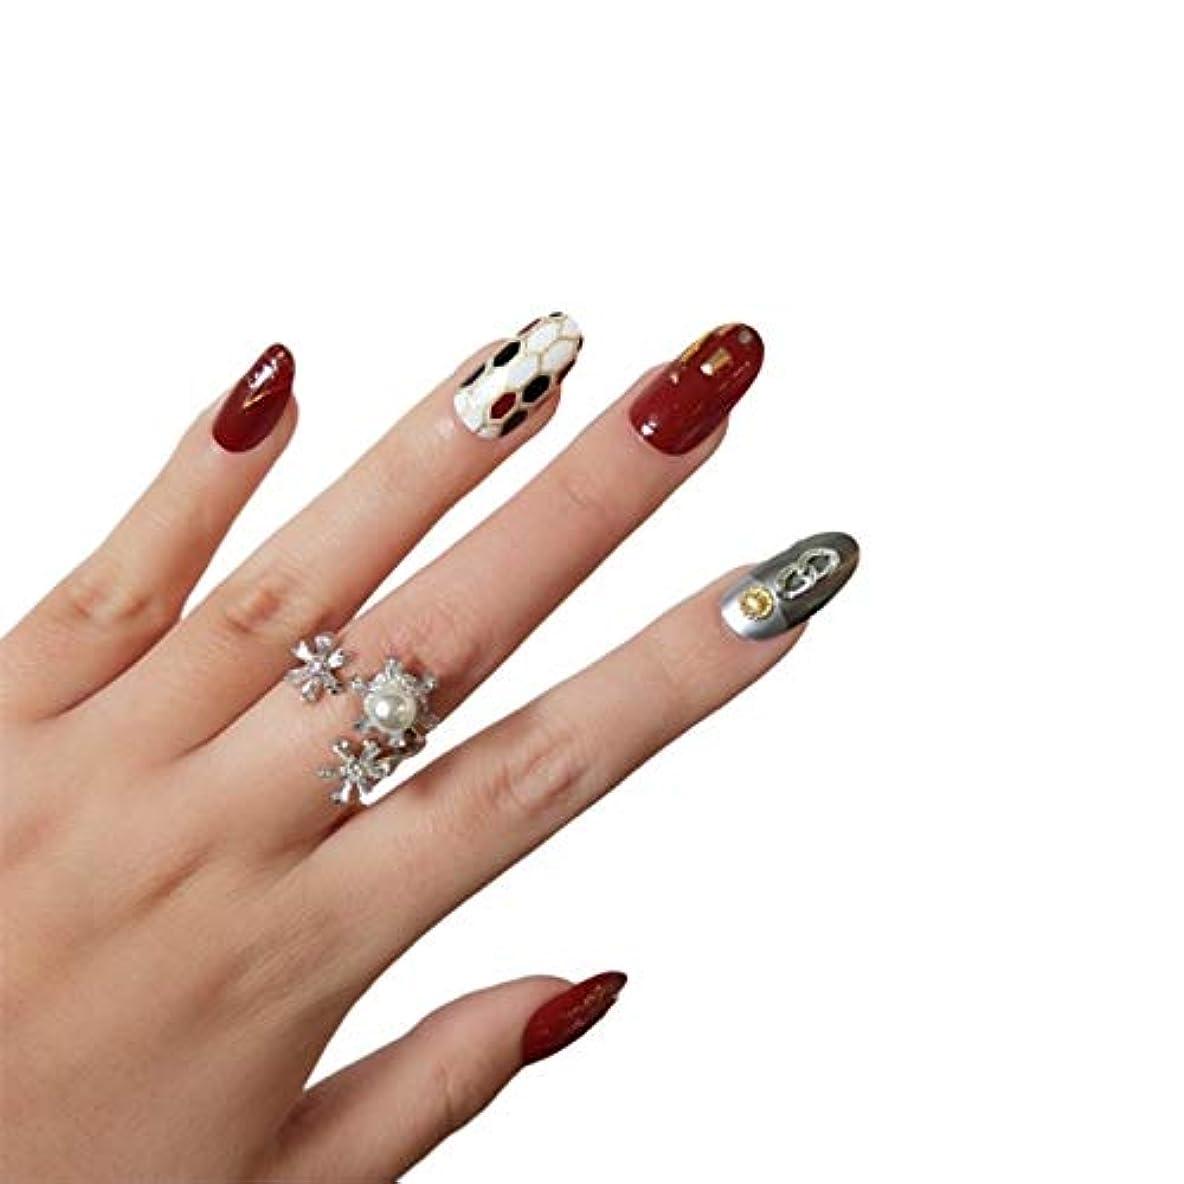 寄稿者鋼構成員VALEN Nail Patch ネイルチップ つけ爪 付け爪 つけ方簡単 ネイル デコネイルコレクション シール ハロウィン 母の日 パーティ 人気 毎日変身 24枚セット